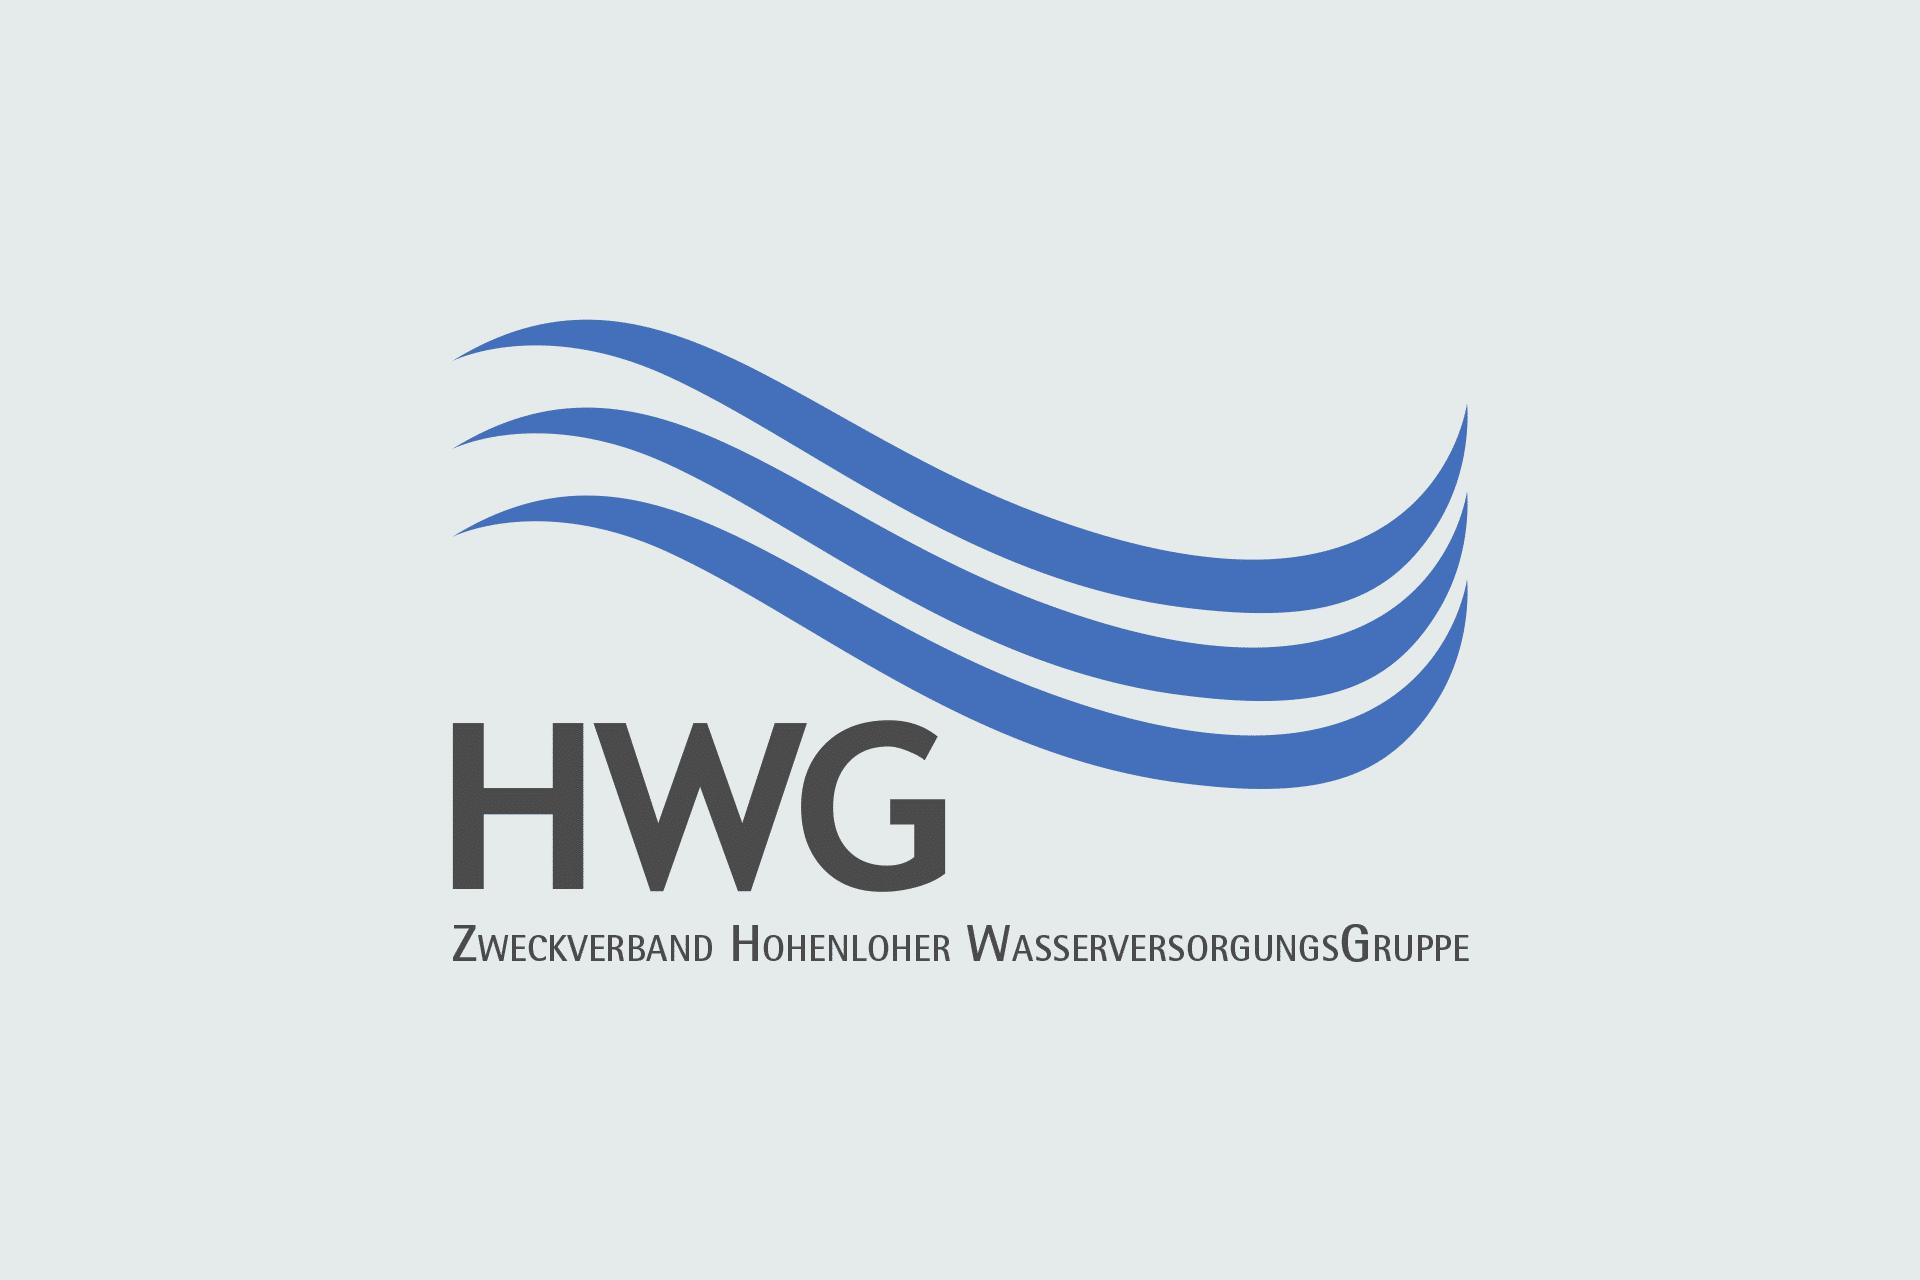 Logo für den Zweckverband Hohenloher-Wasserversorgungsgruppe HWG in Gerabronn